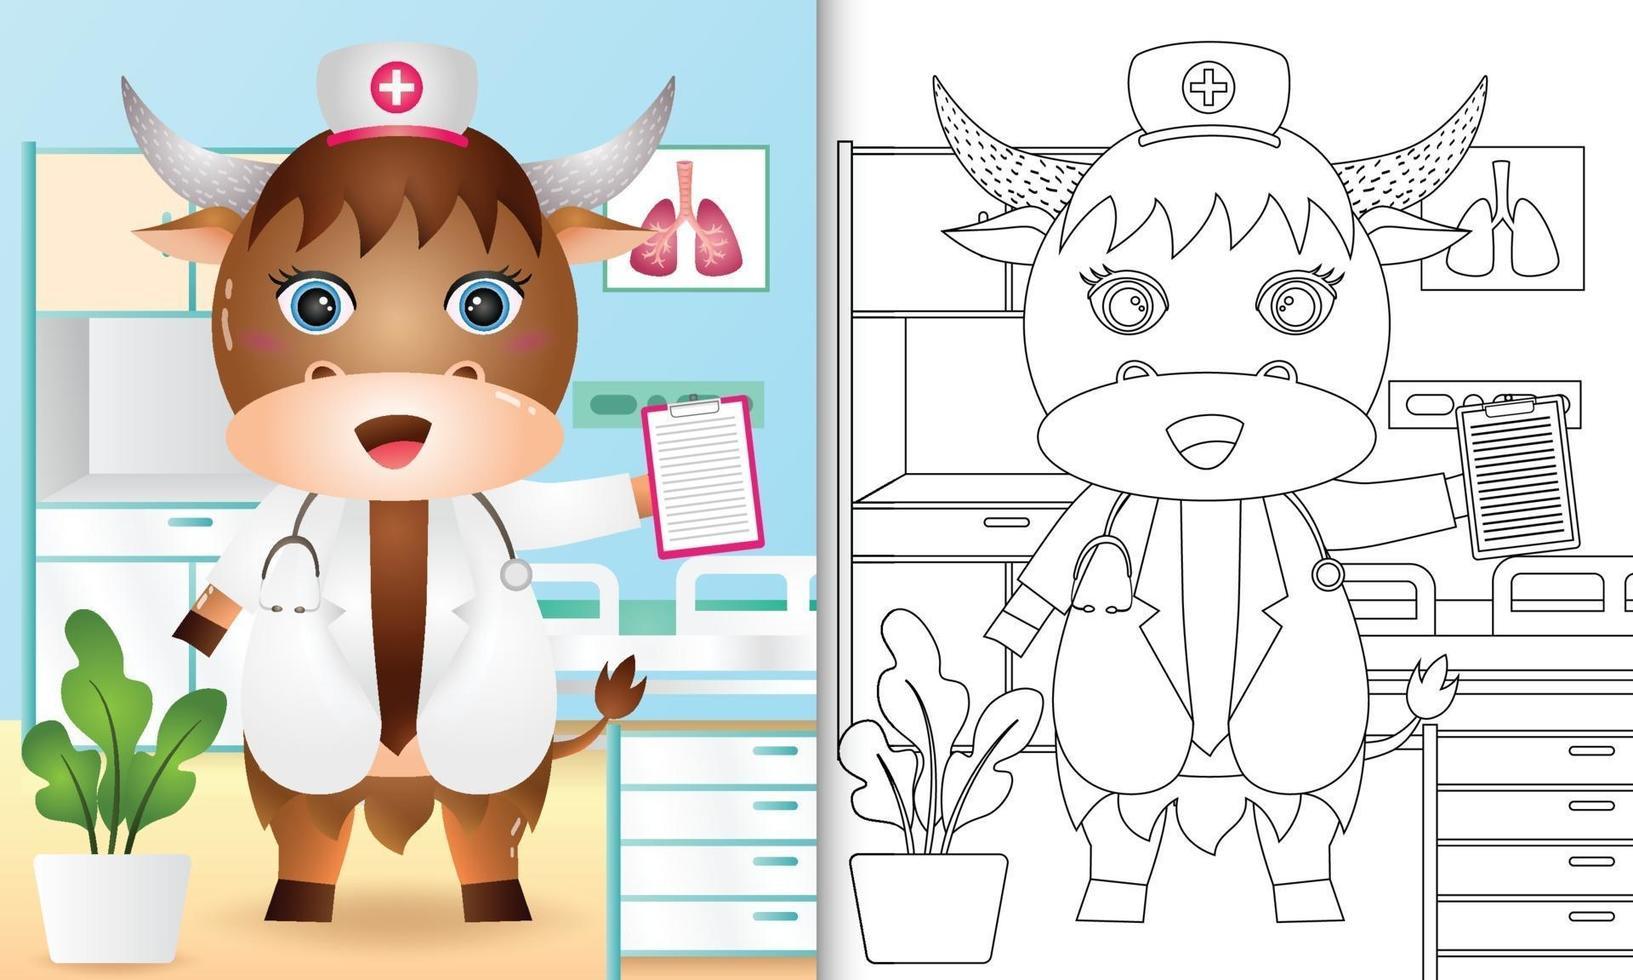 kleurboek voor kinderen met een schattige buffel verpleegster karakter illustratie vector